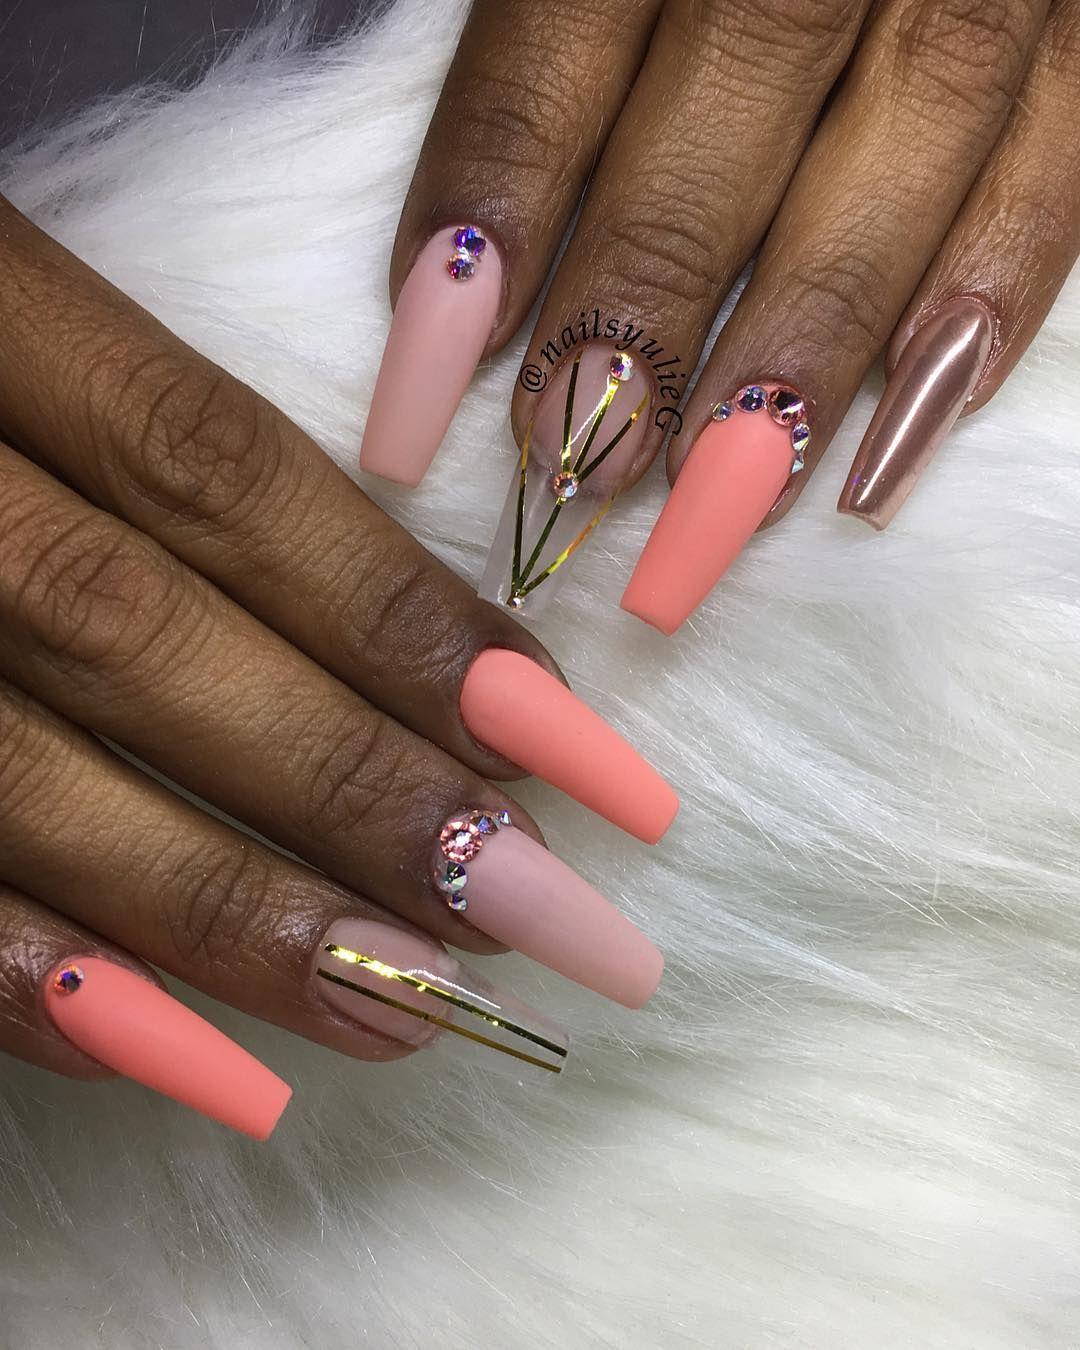 Sculpted full set #nails #nailart #nailpro #naildesigns #nailswag ...